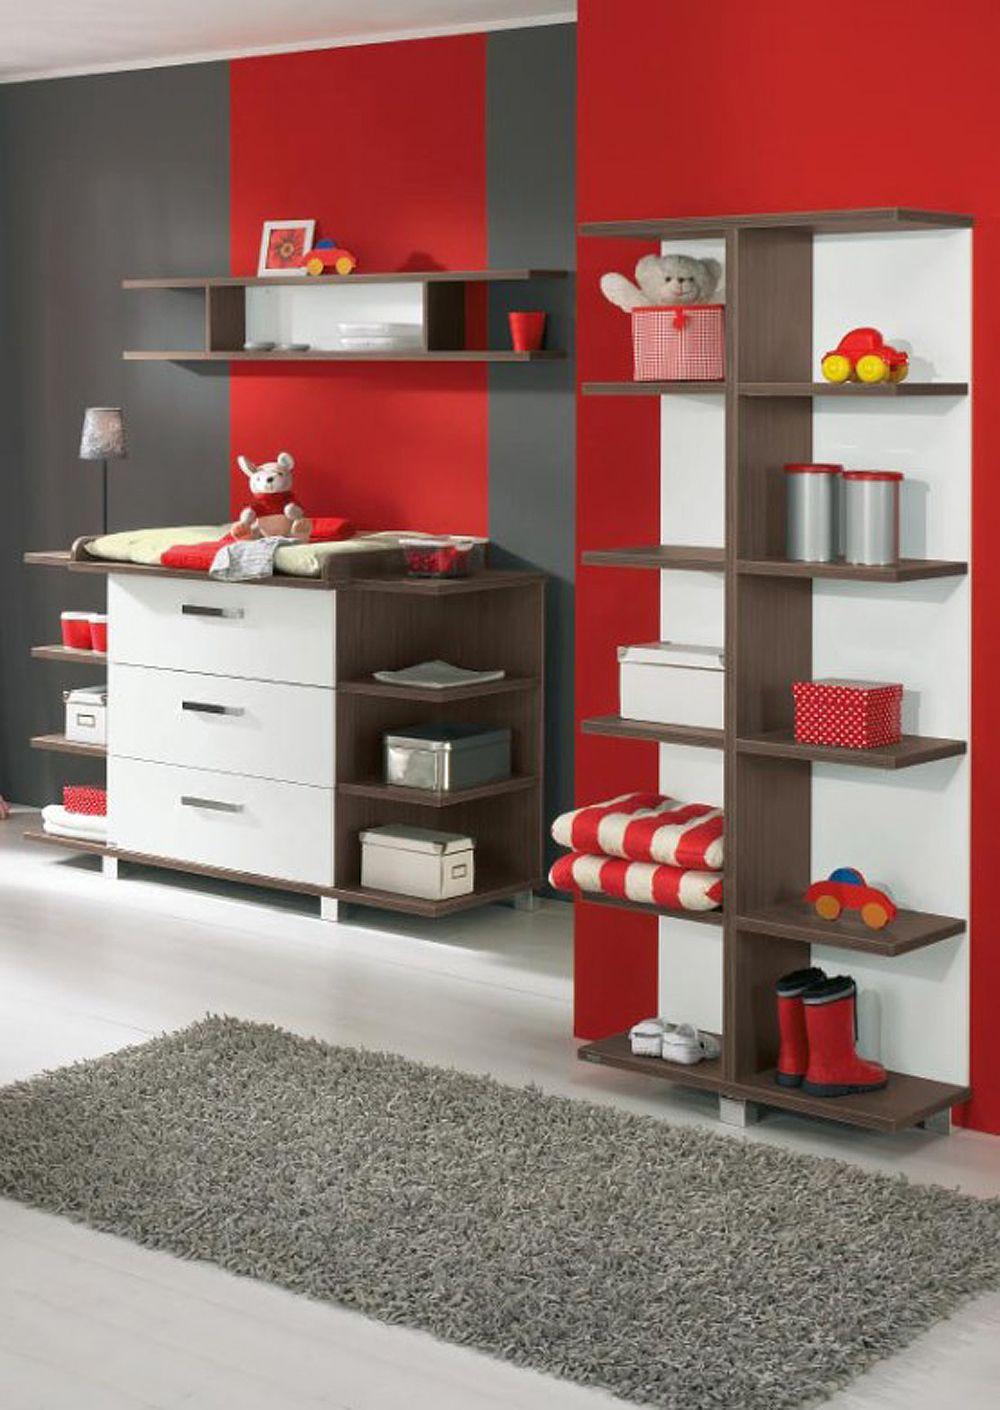 Fotos e ideas para pintar y decorar una habitaci n de - Color paredes habitacion ...